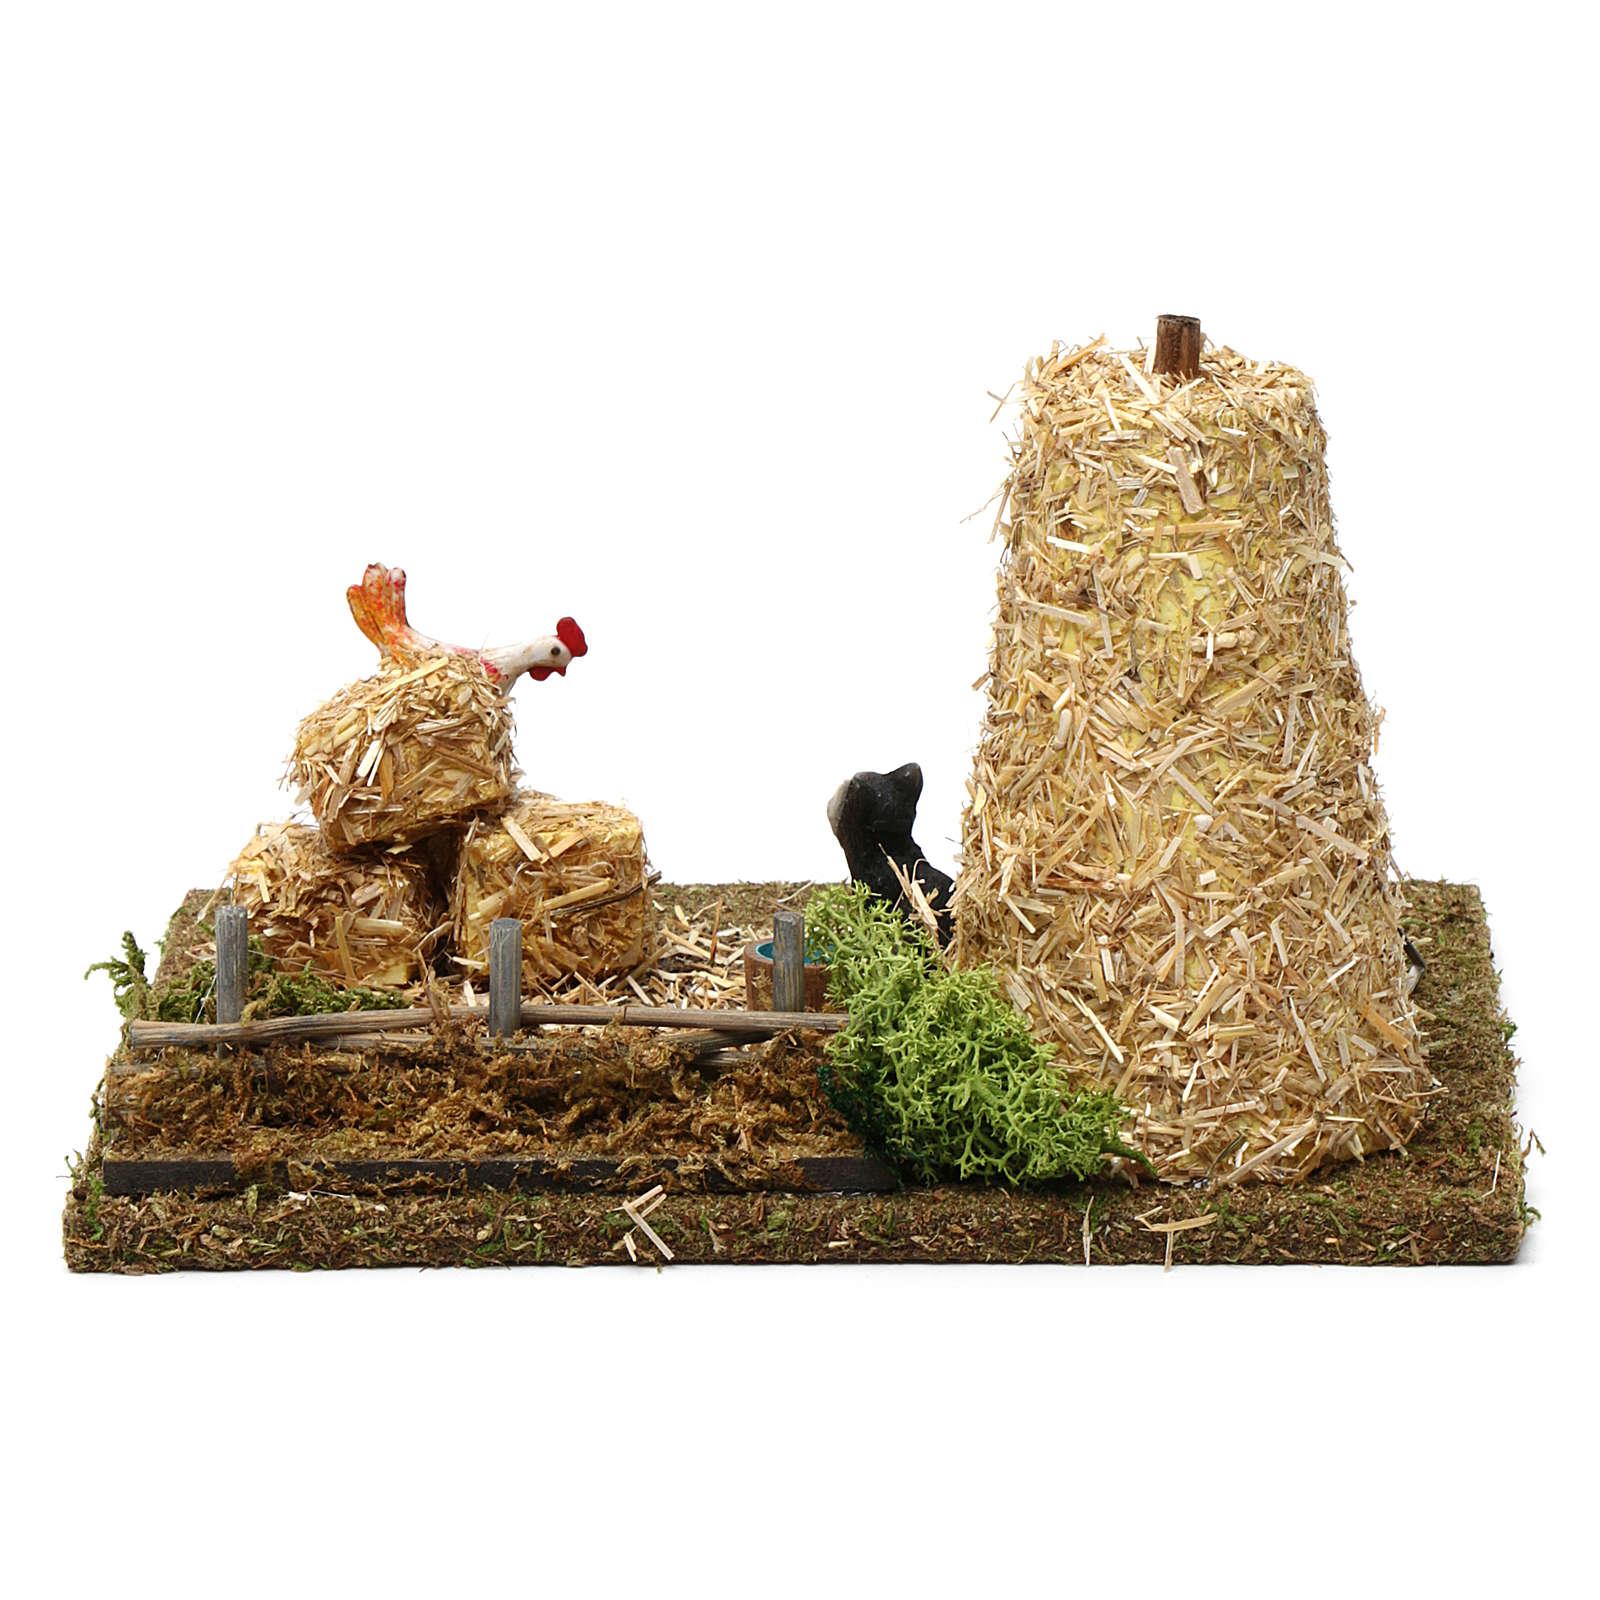 Meule de foin avec chat et coq 10x20x15 cm pour santons crèche 9-10 cm 3